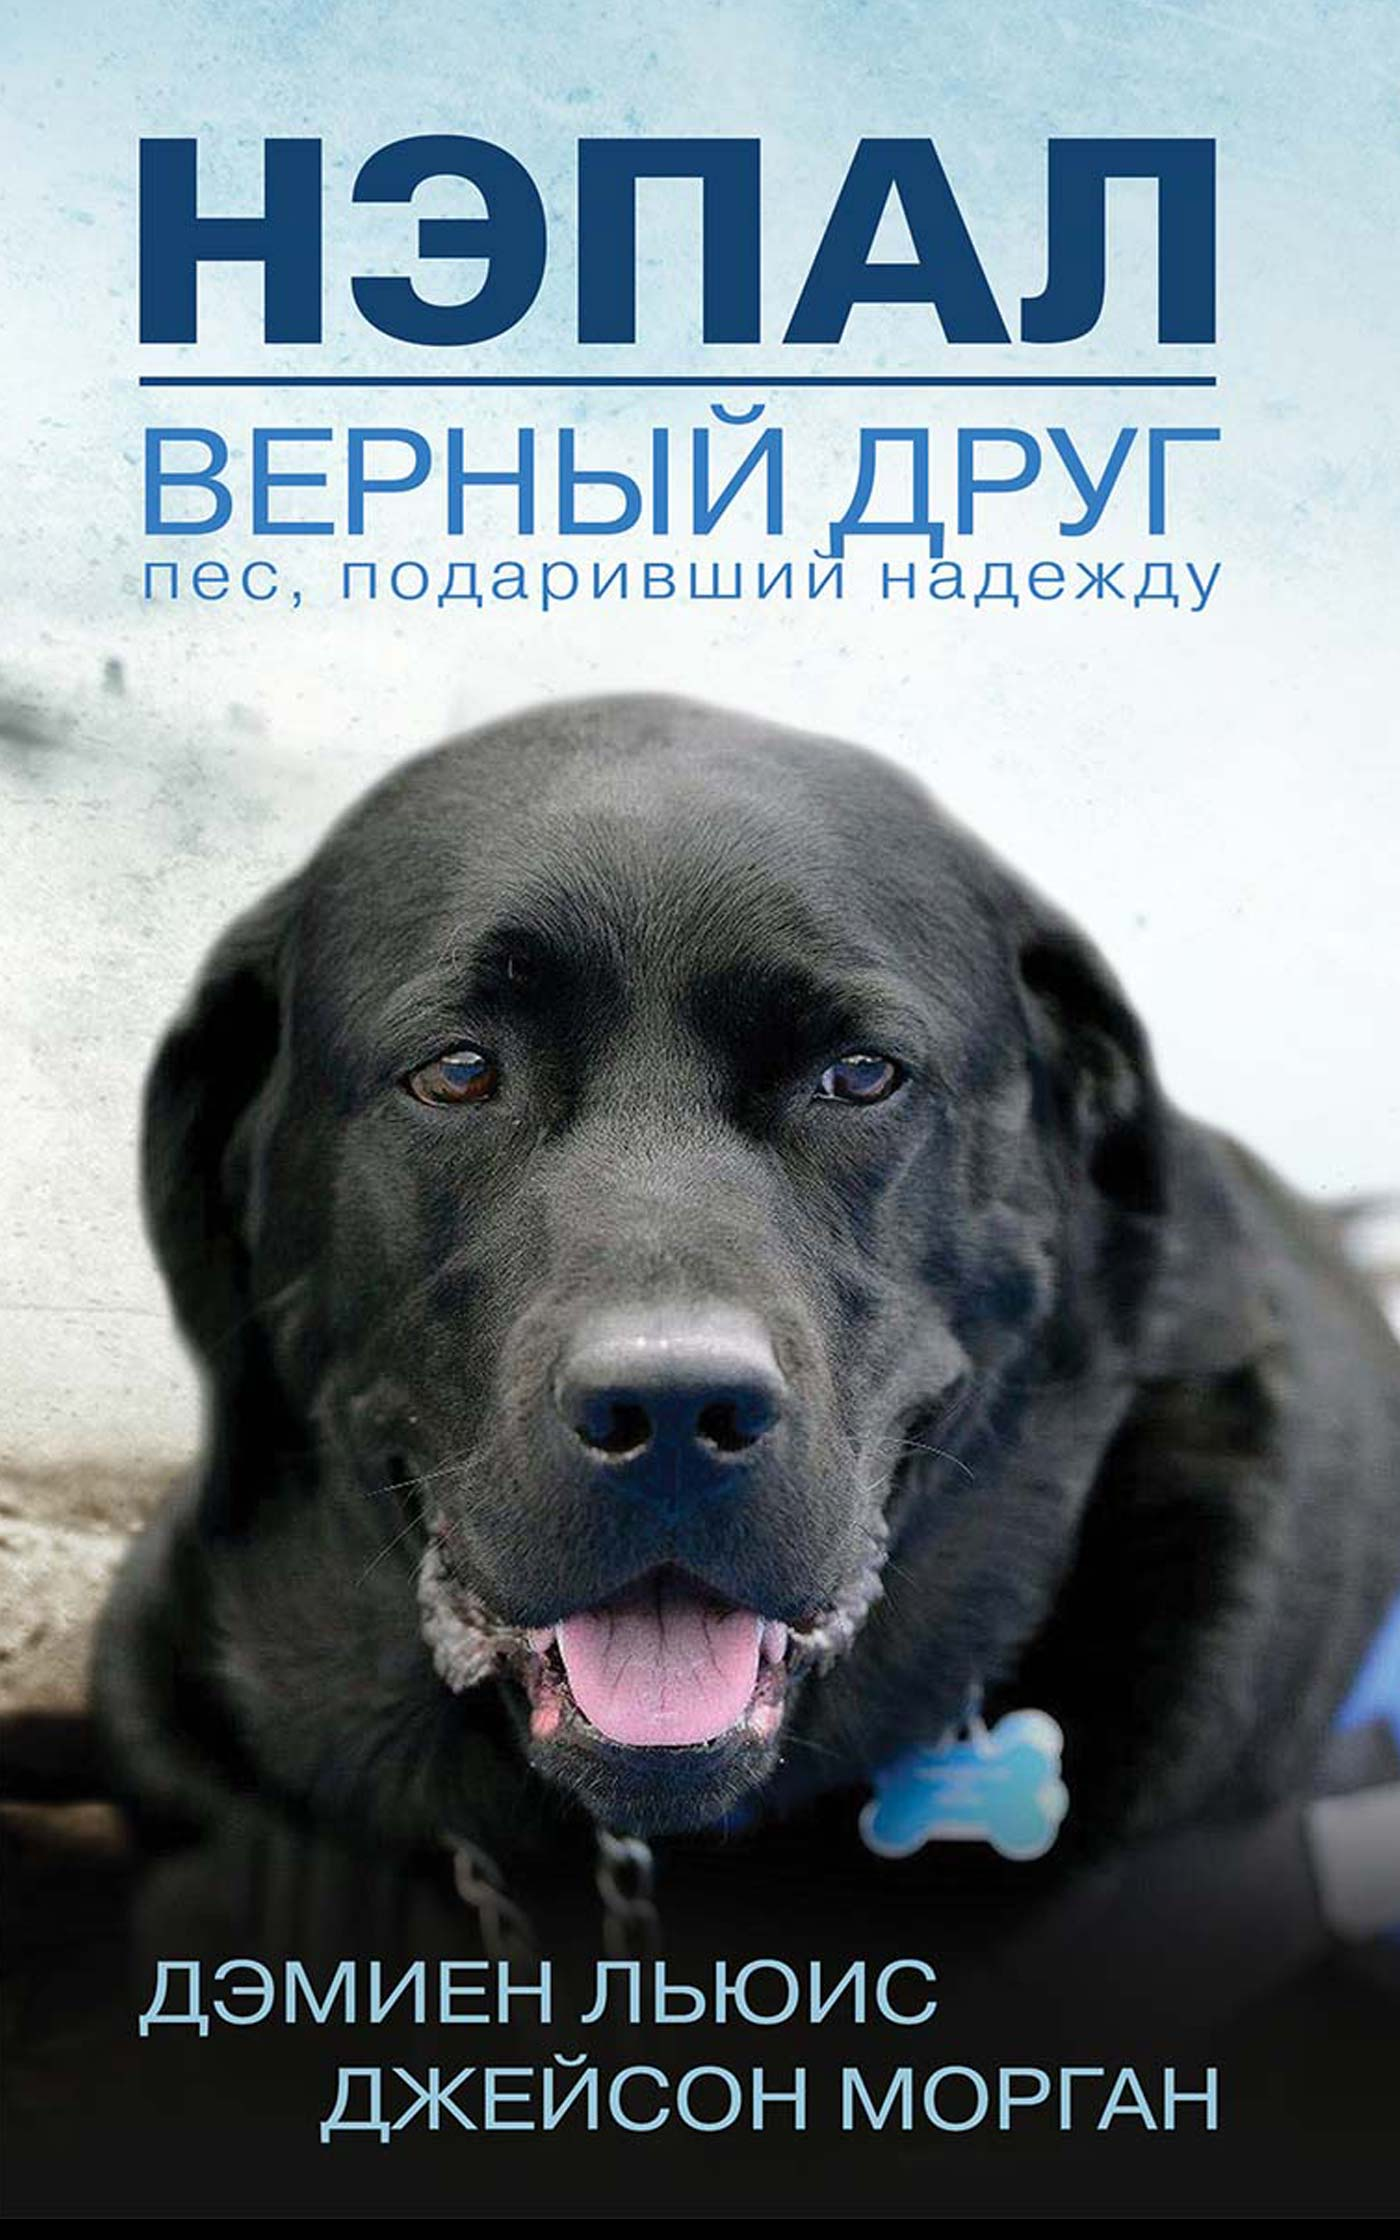 Нэпал — верный друг. Пес, подаривший надежду